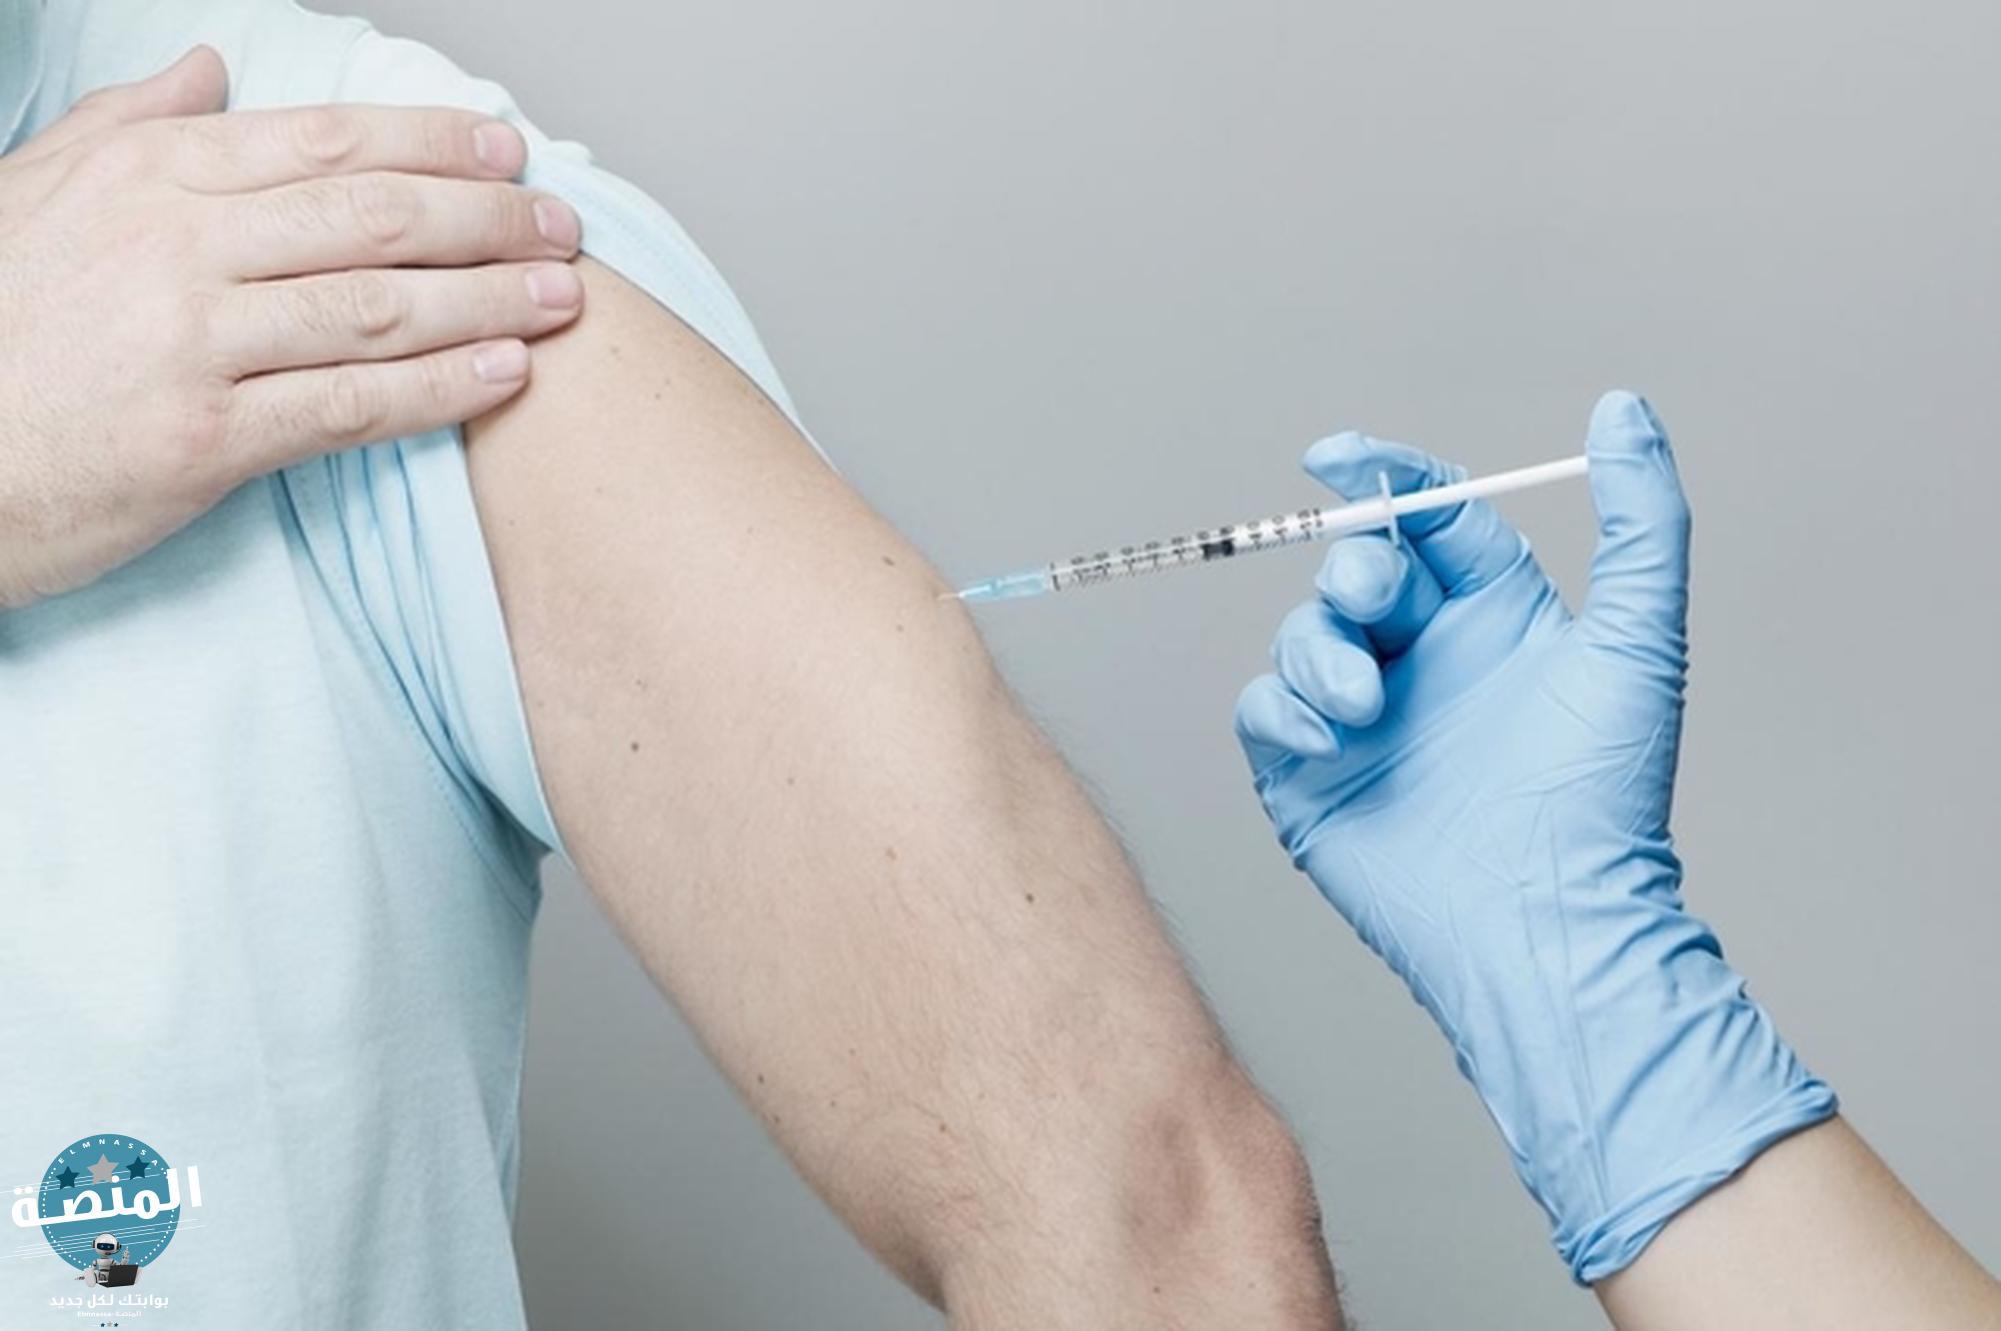 أسباب و مخاطر جرعة زائدة من الانسولين